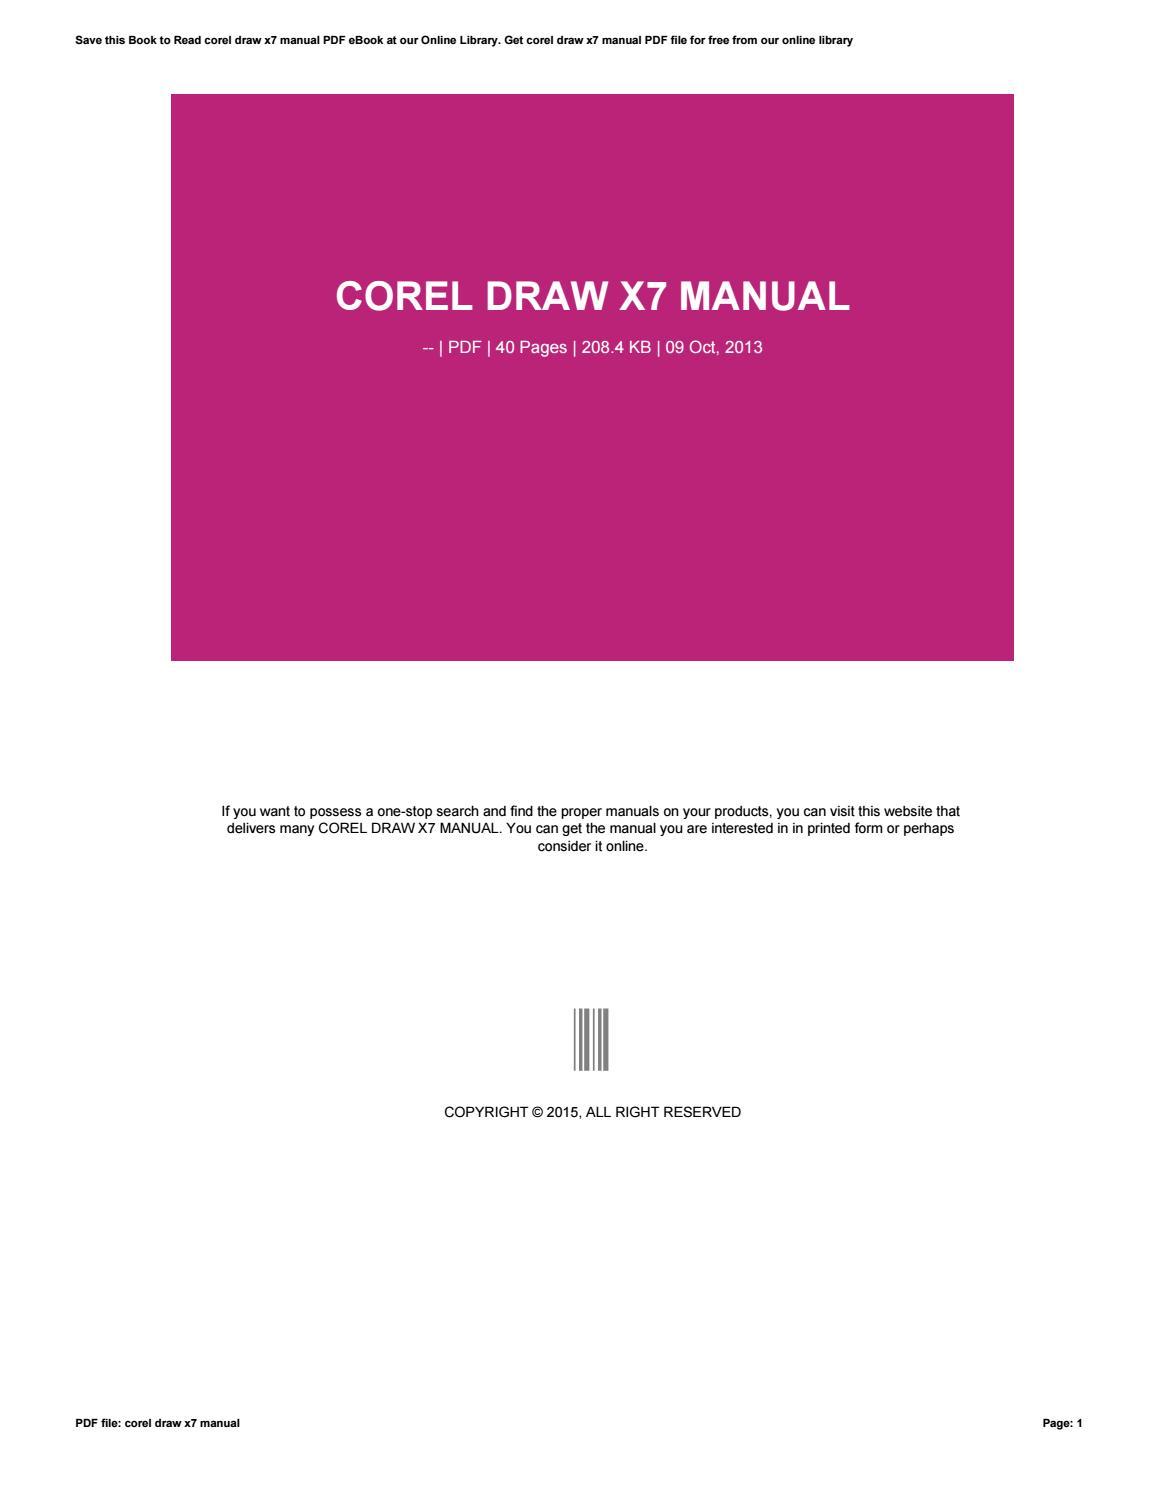 corel draw x7 manual by rkomo8 issuu rh issuu com